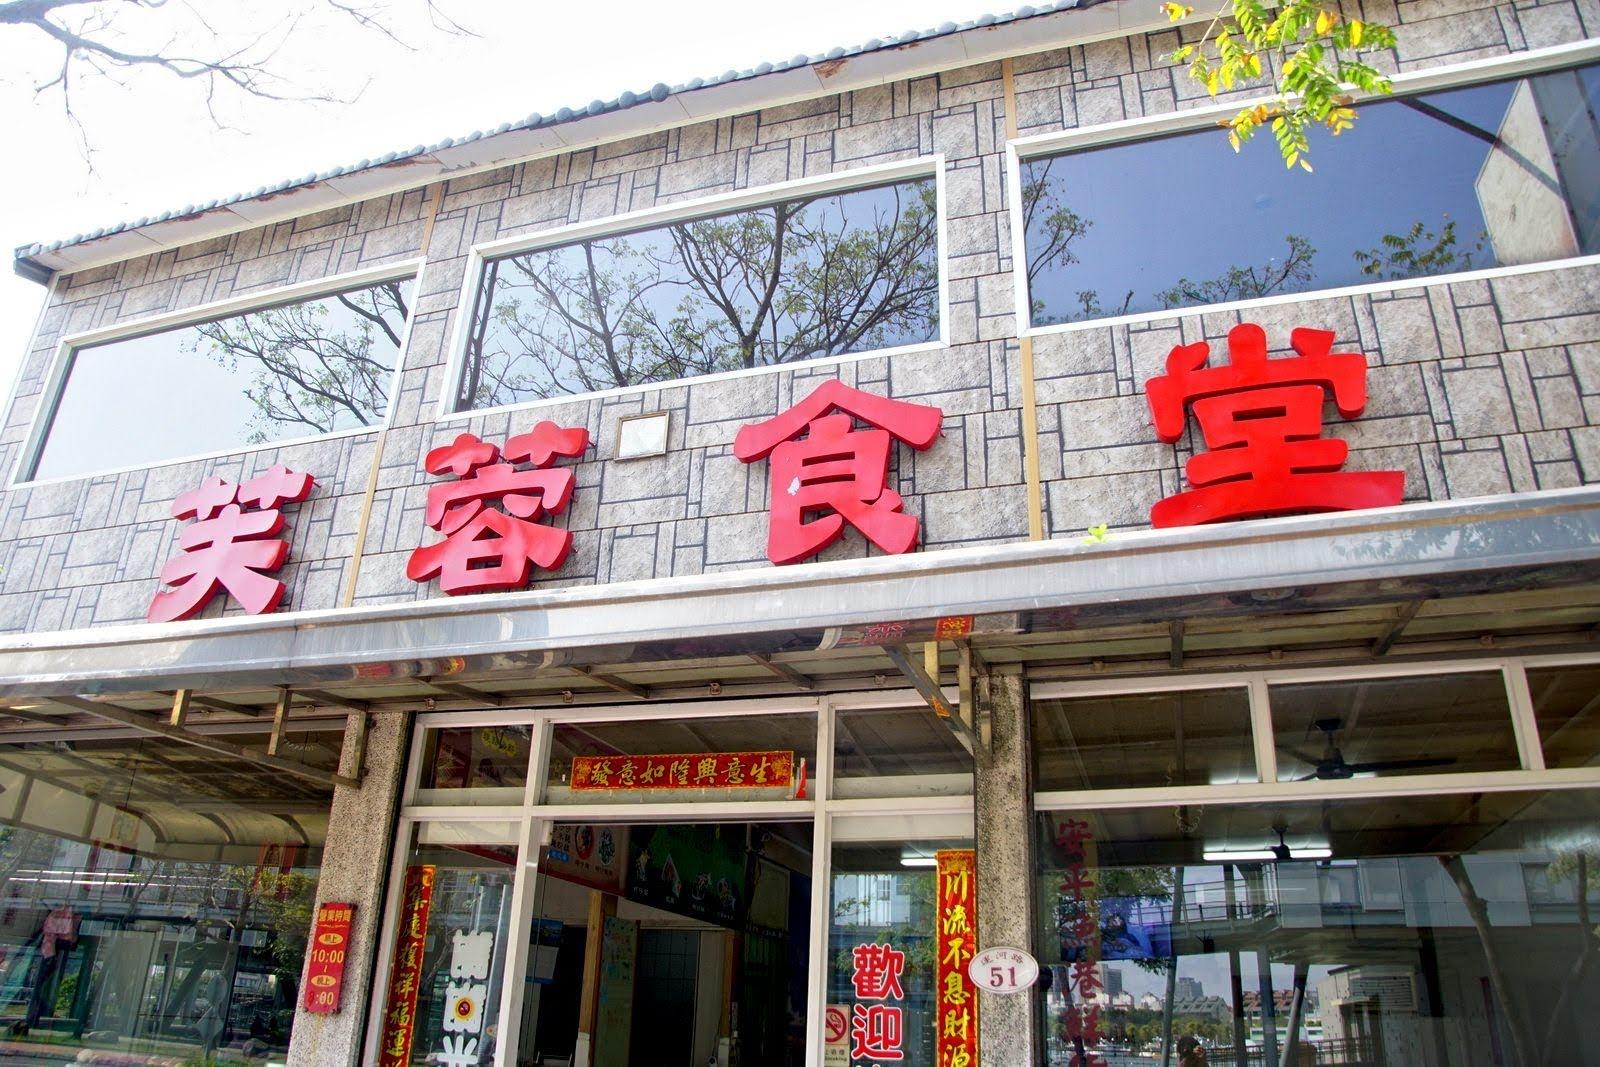 [台南][安平區] 芙蓉食堂|在地的美味食堂|食記